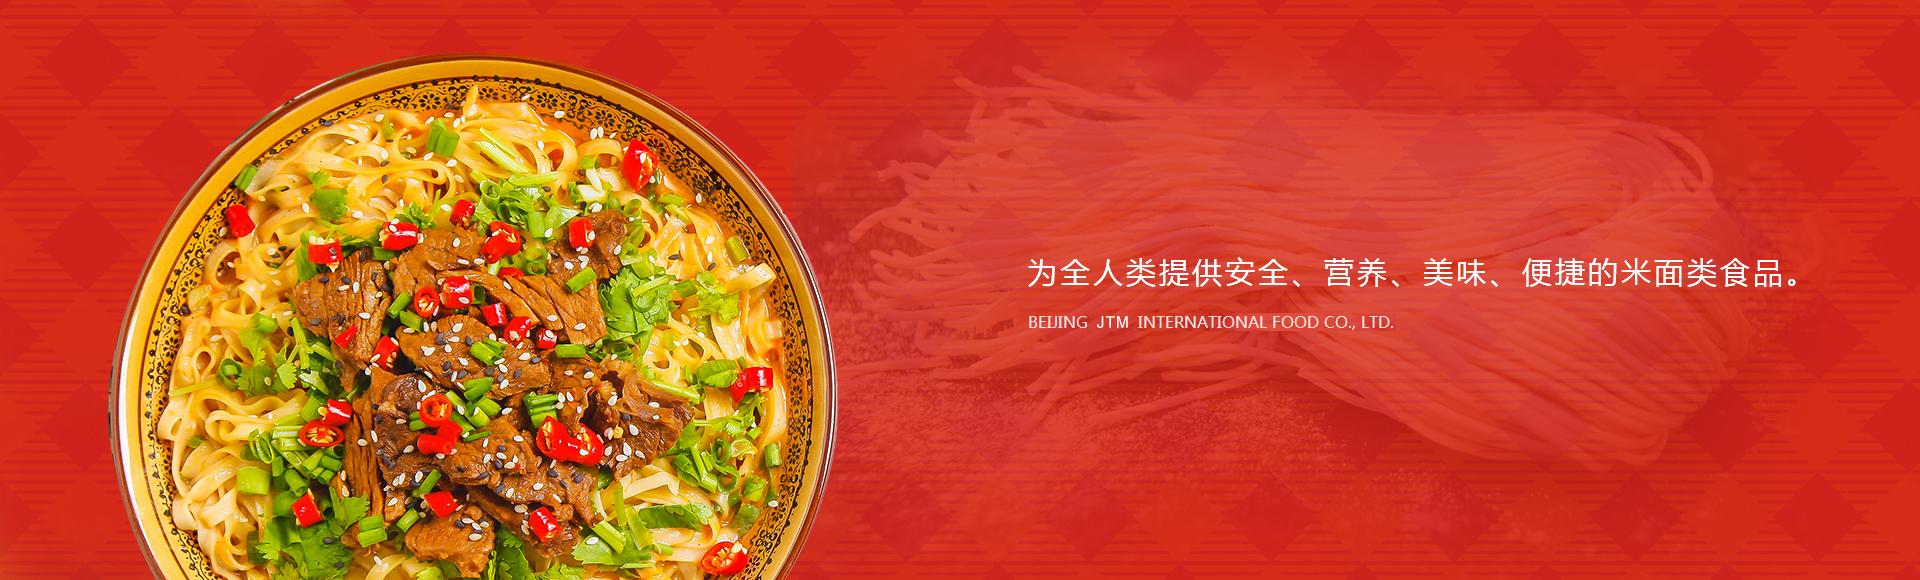 北京金田麦国际食品有限公司